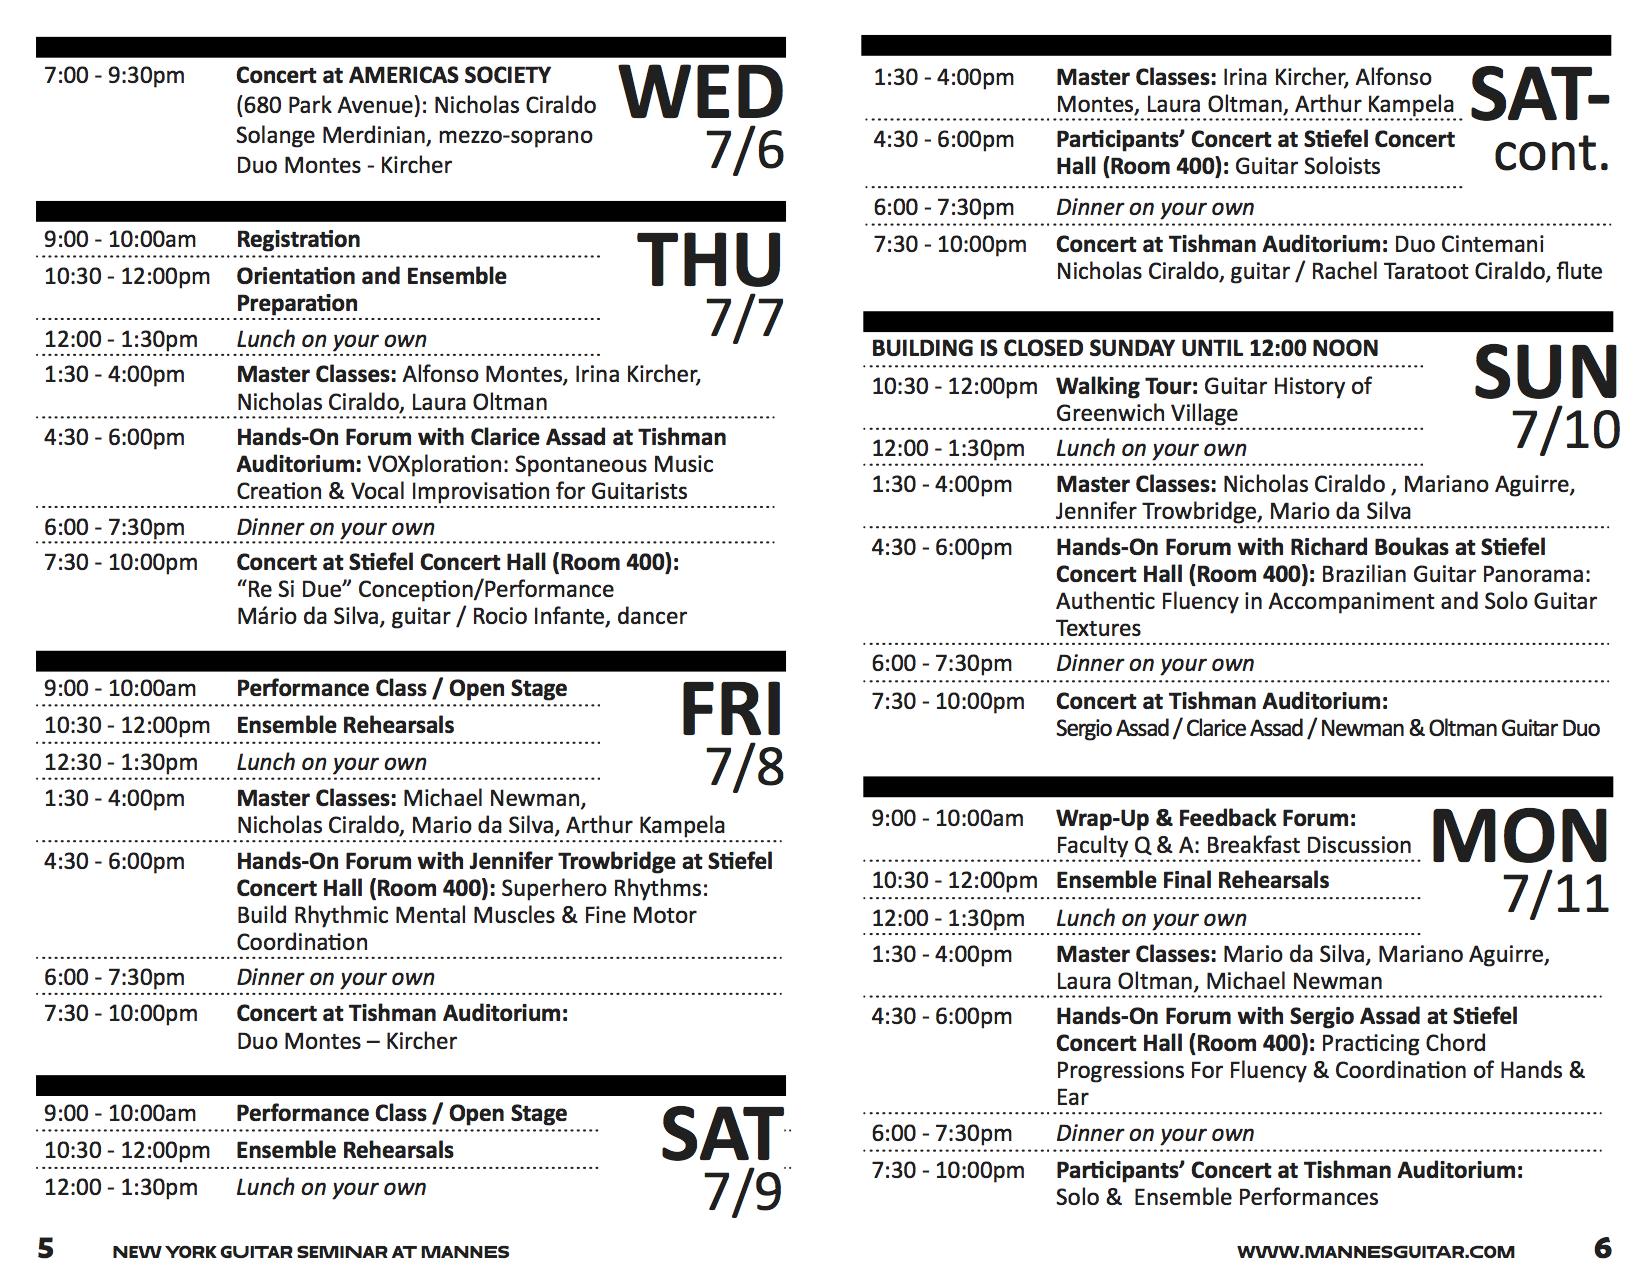 ny-guitar-seminar-schedule-2016